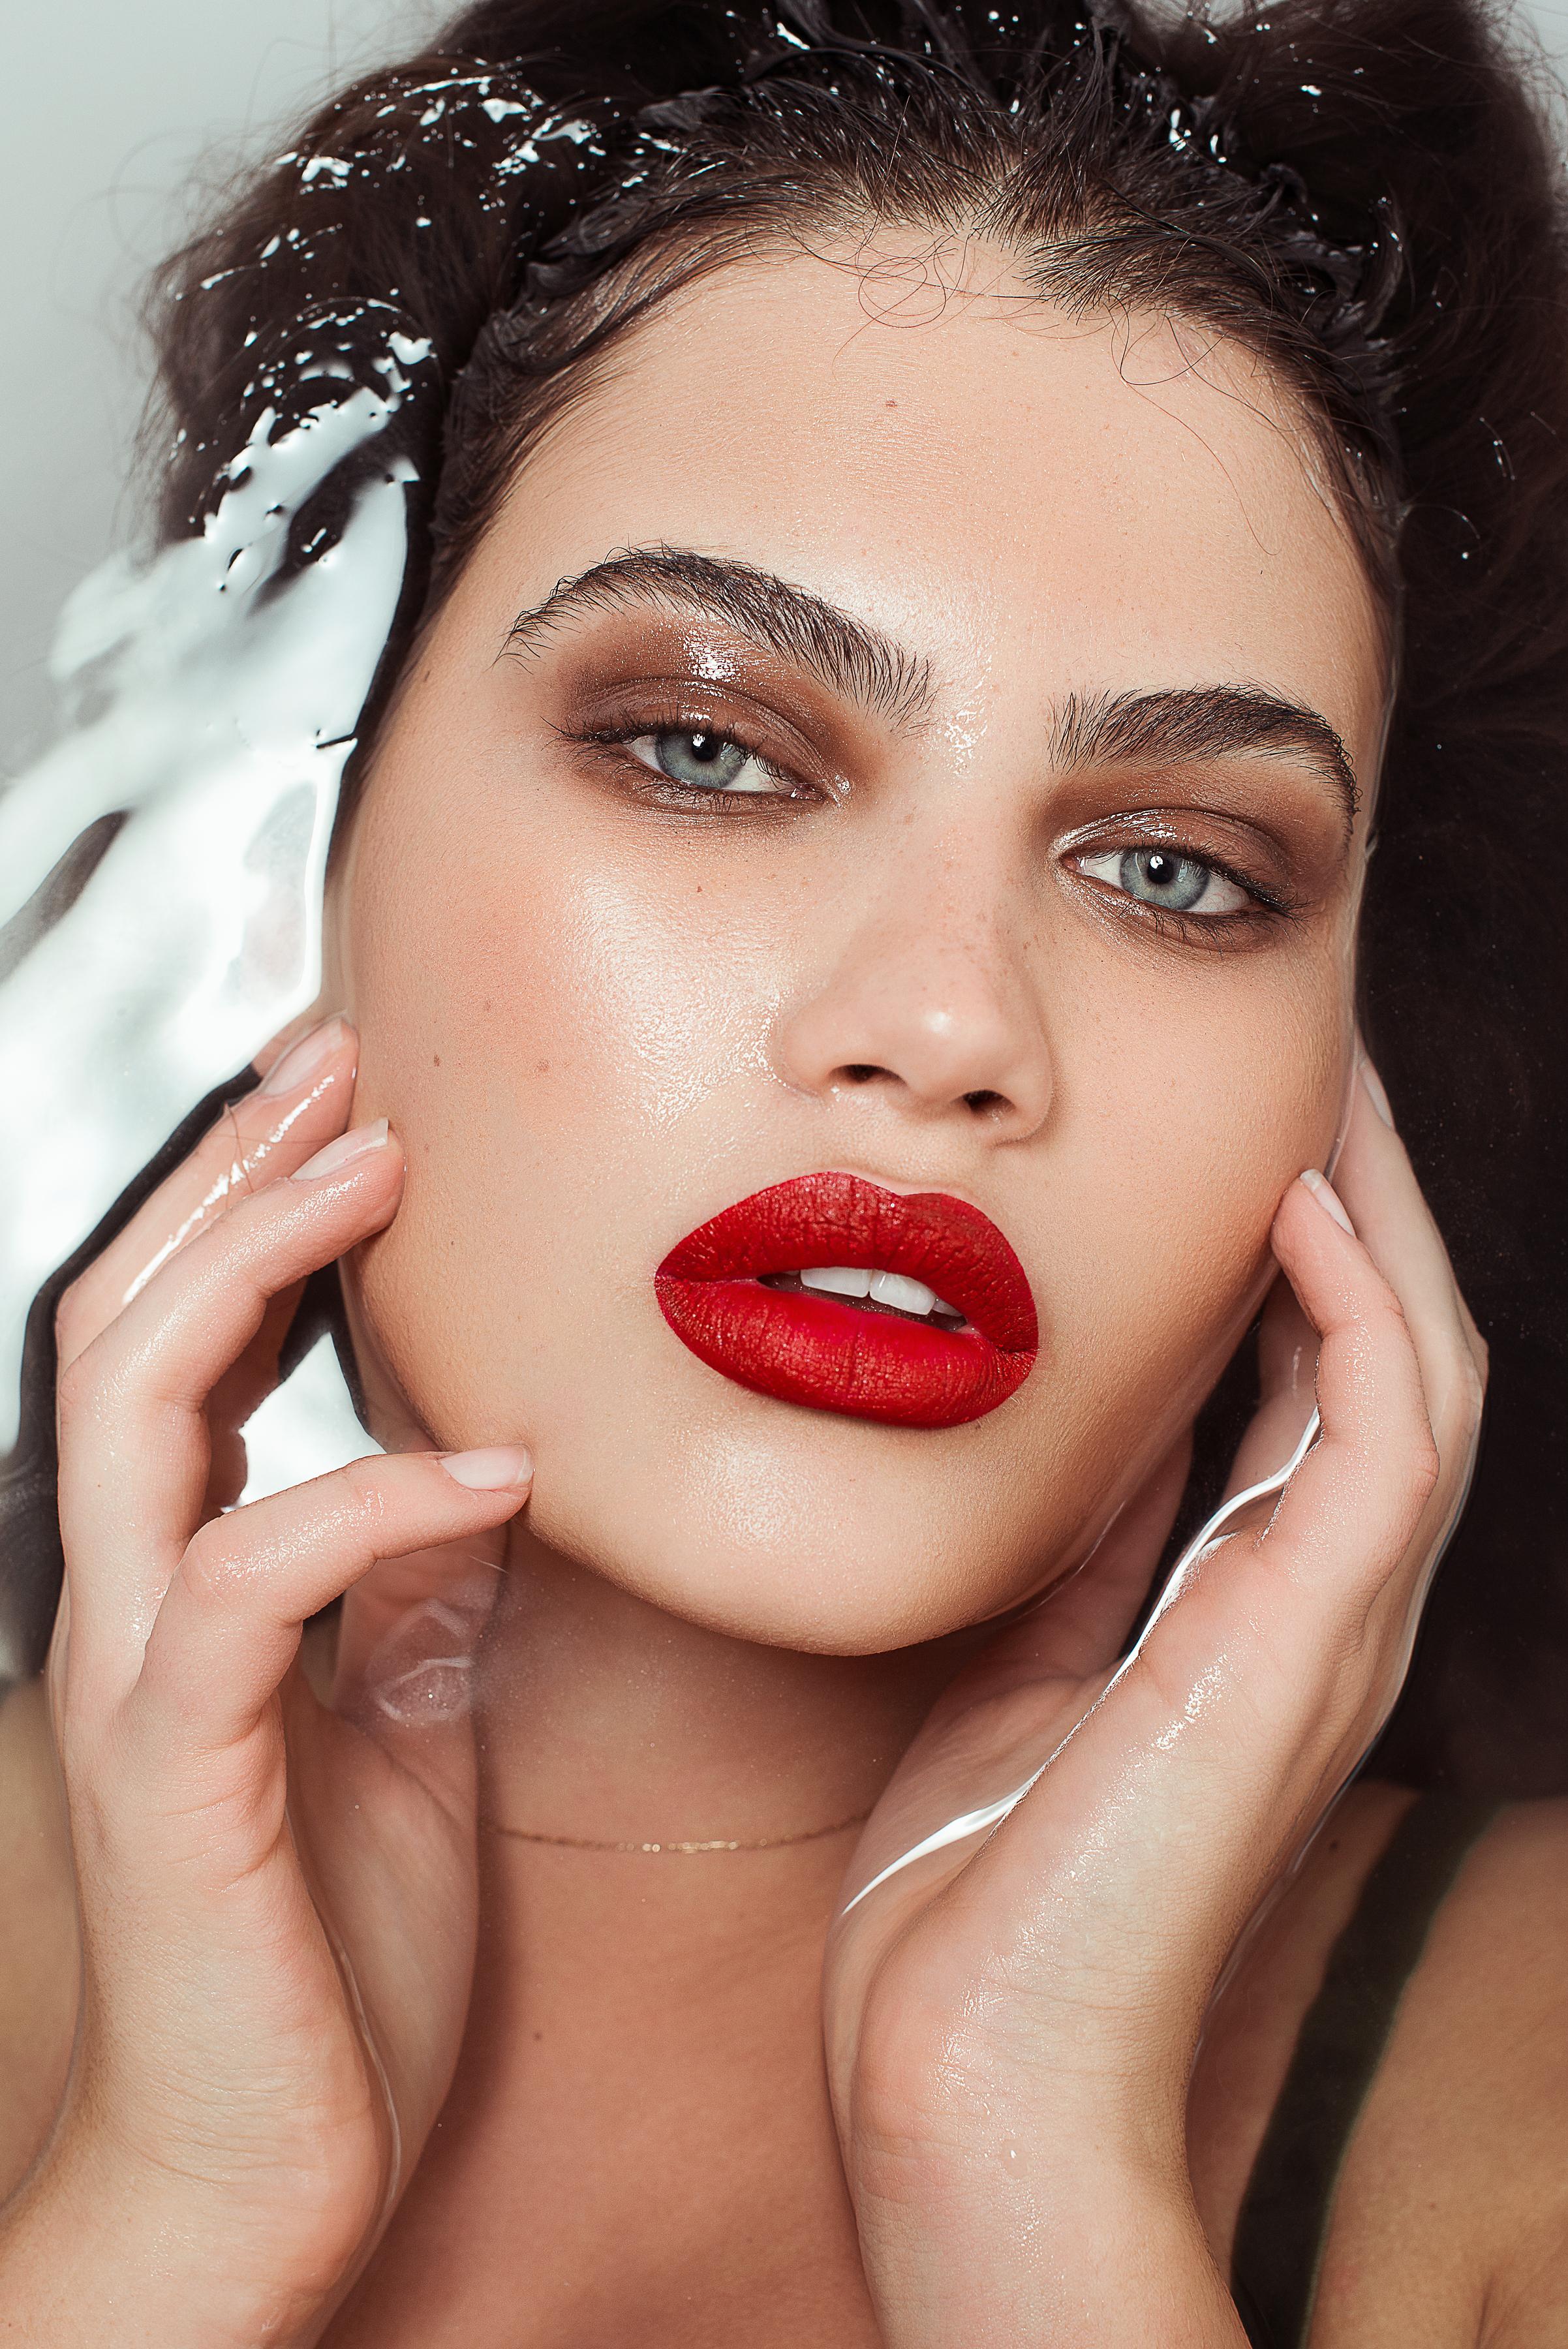 Beauty Alana Image-HP8_6929.jpg